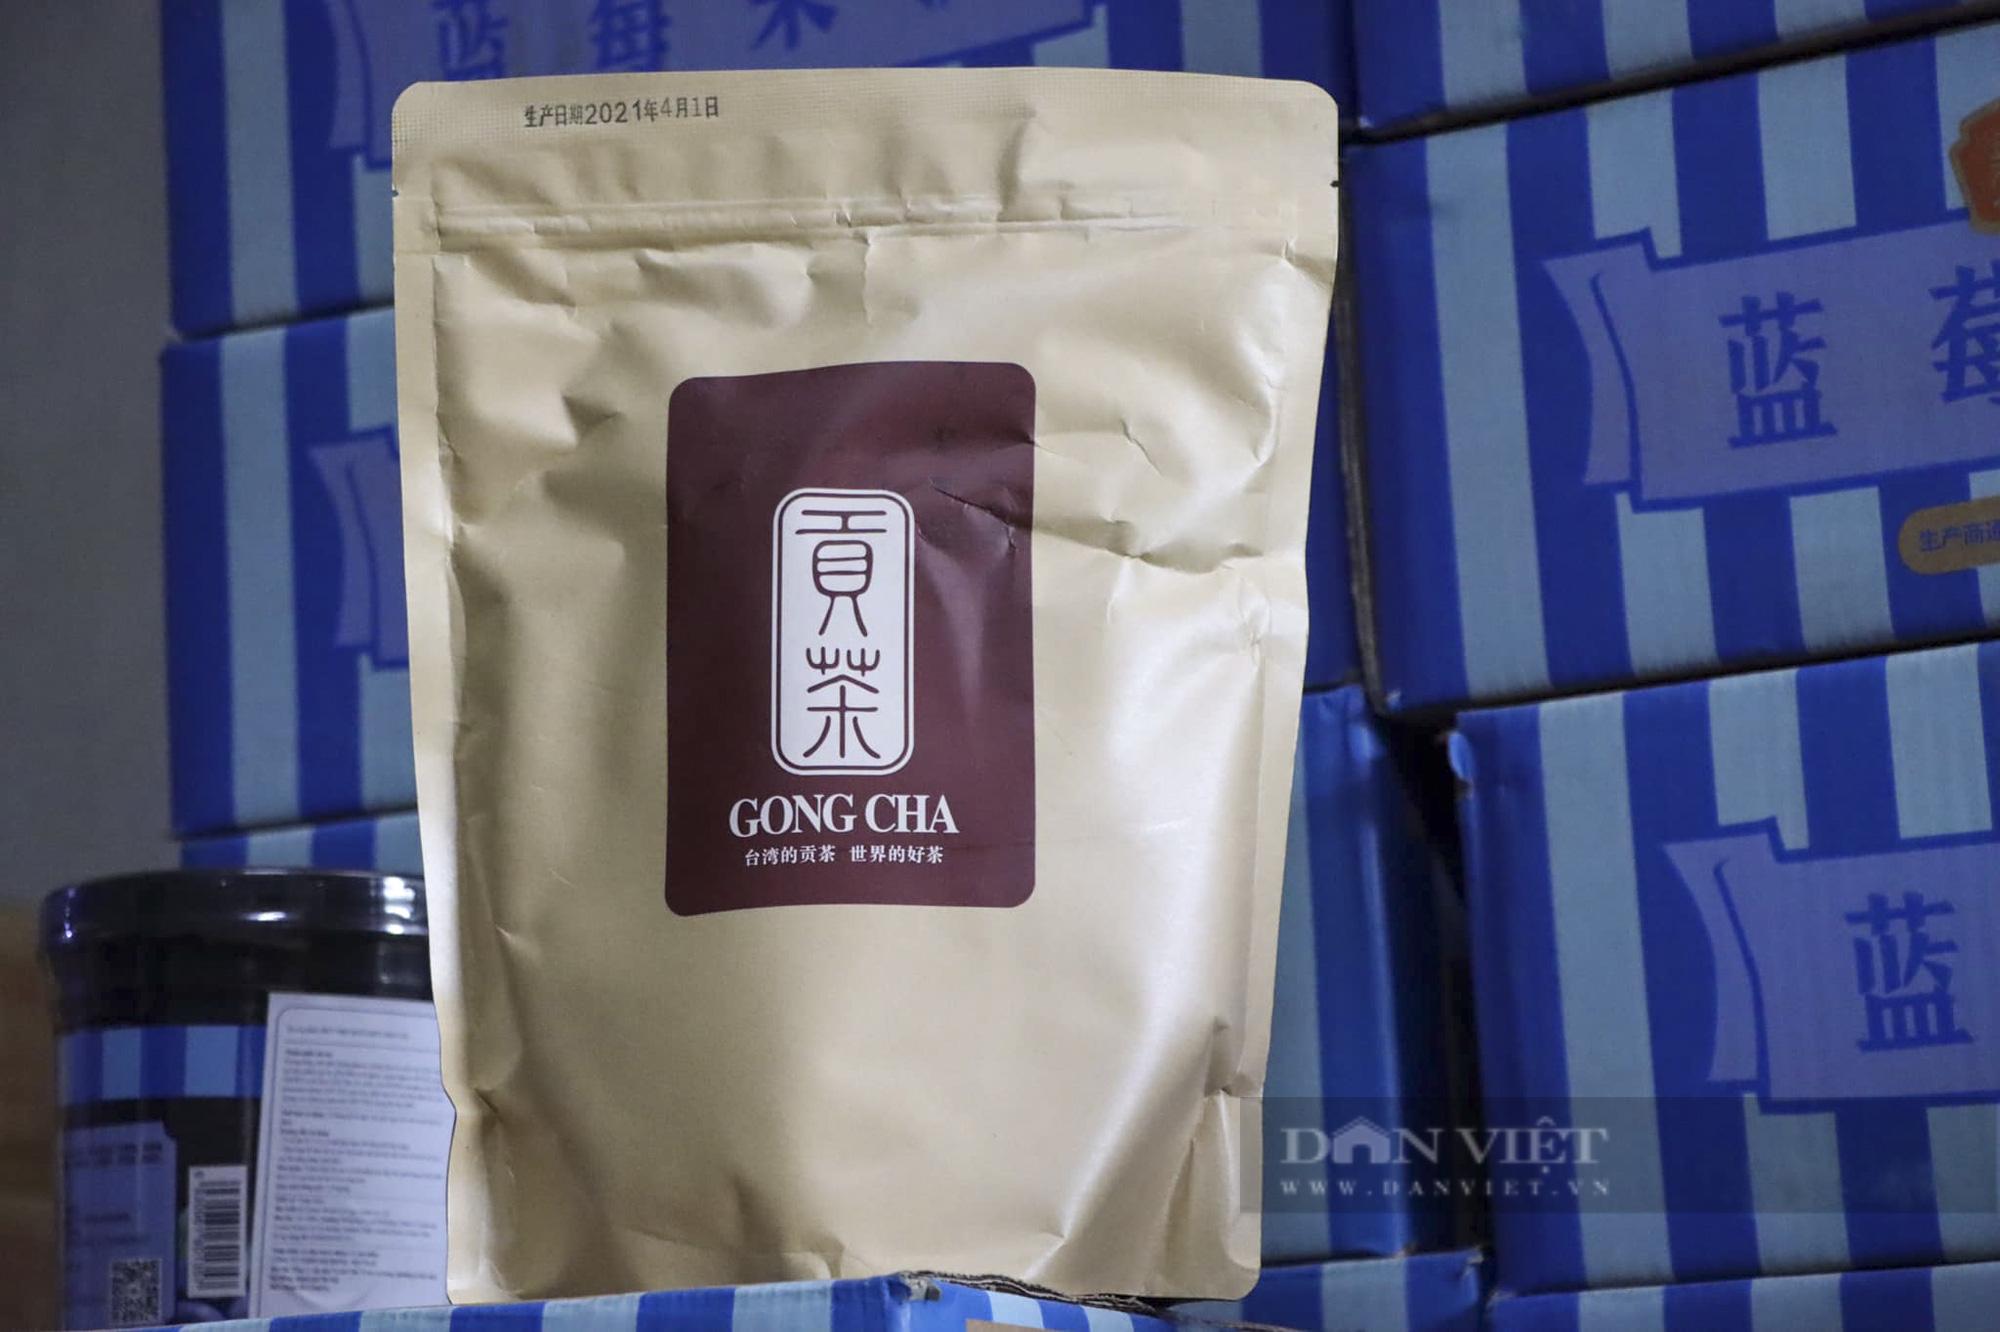 Hà Nội tạm giữ hàng tấn nguyên liệu trà sữa không hóa đơn chứng từ - Ảnh 3.